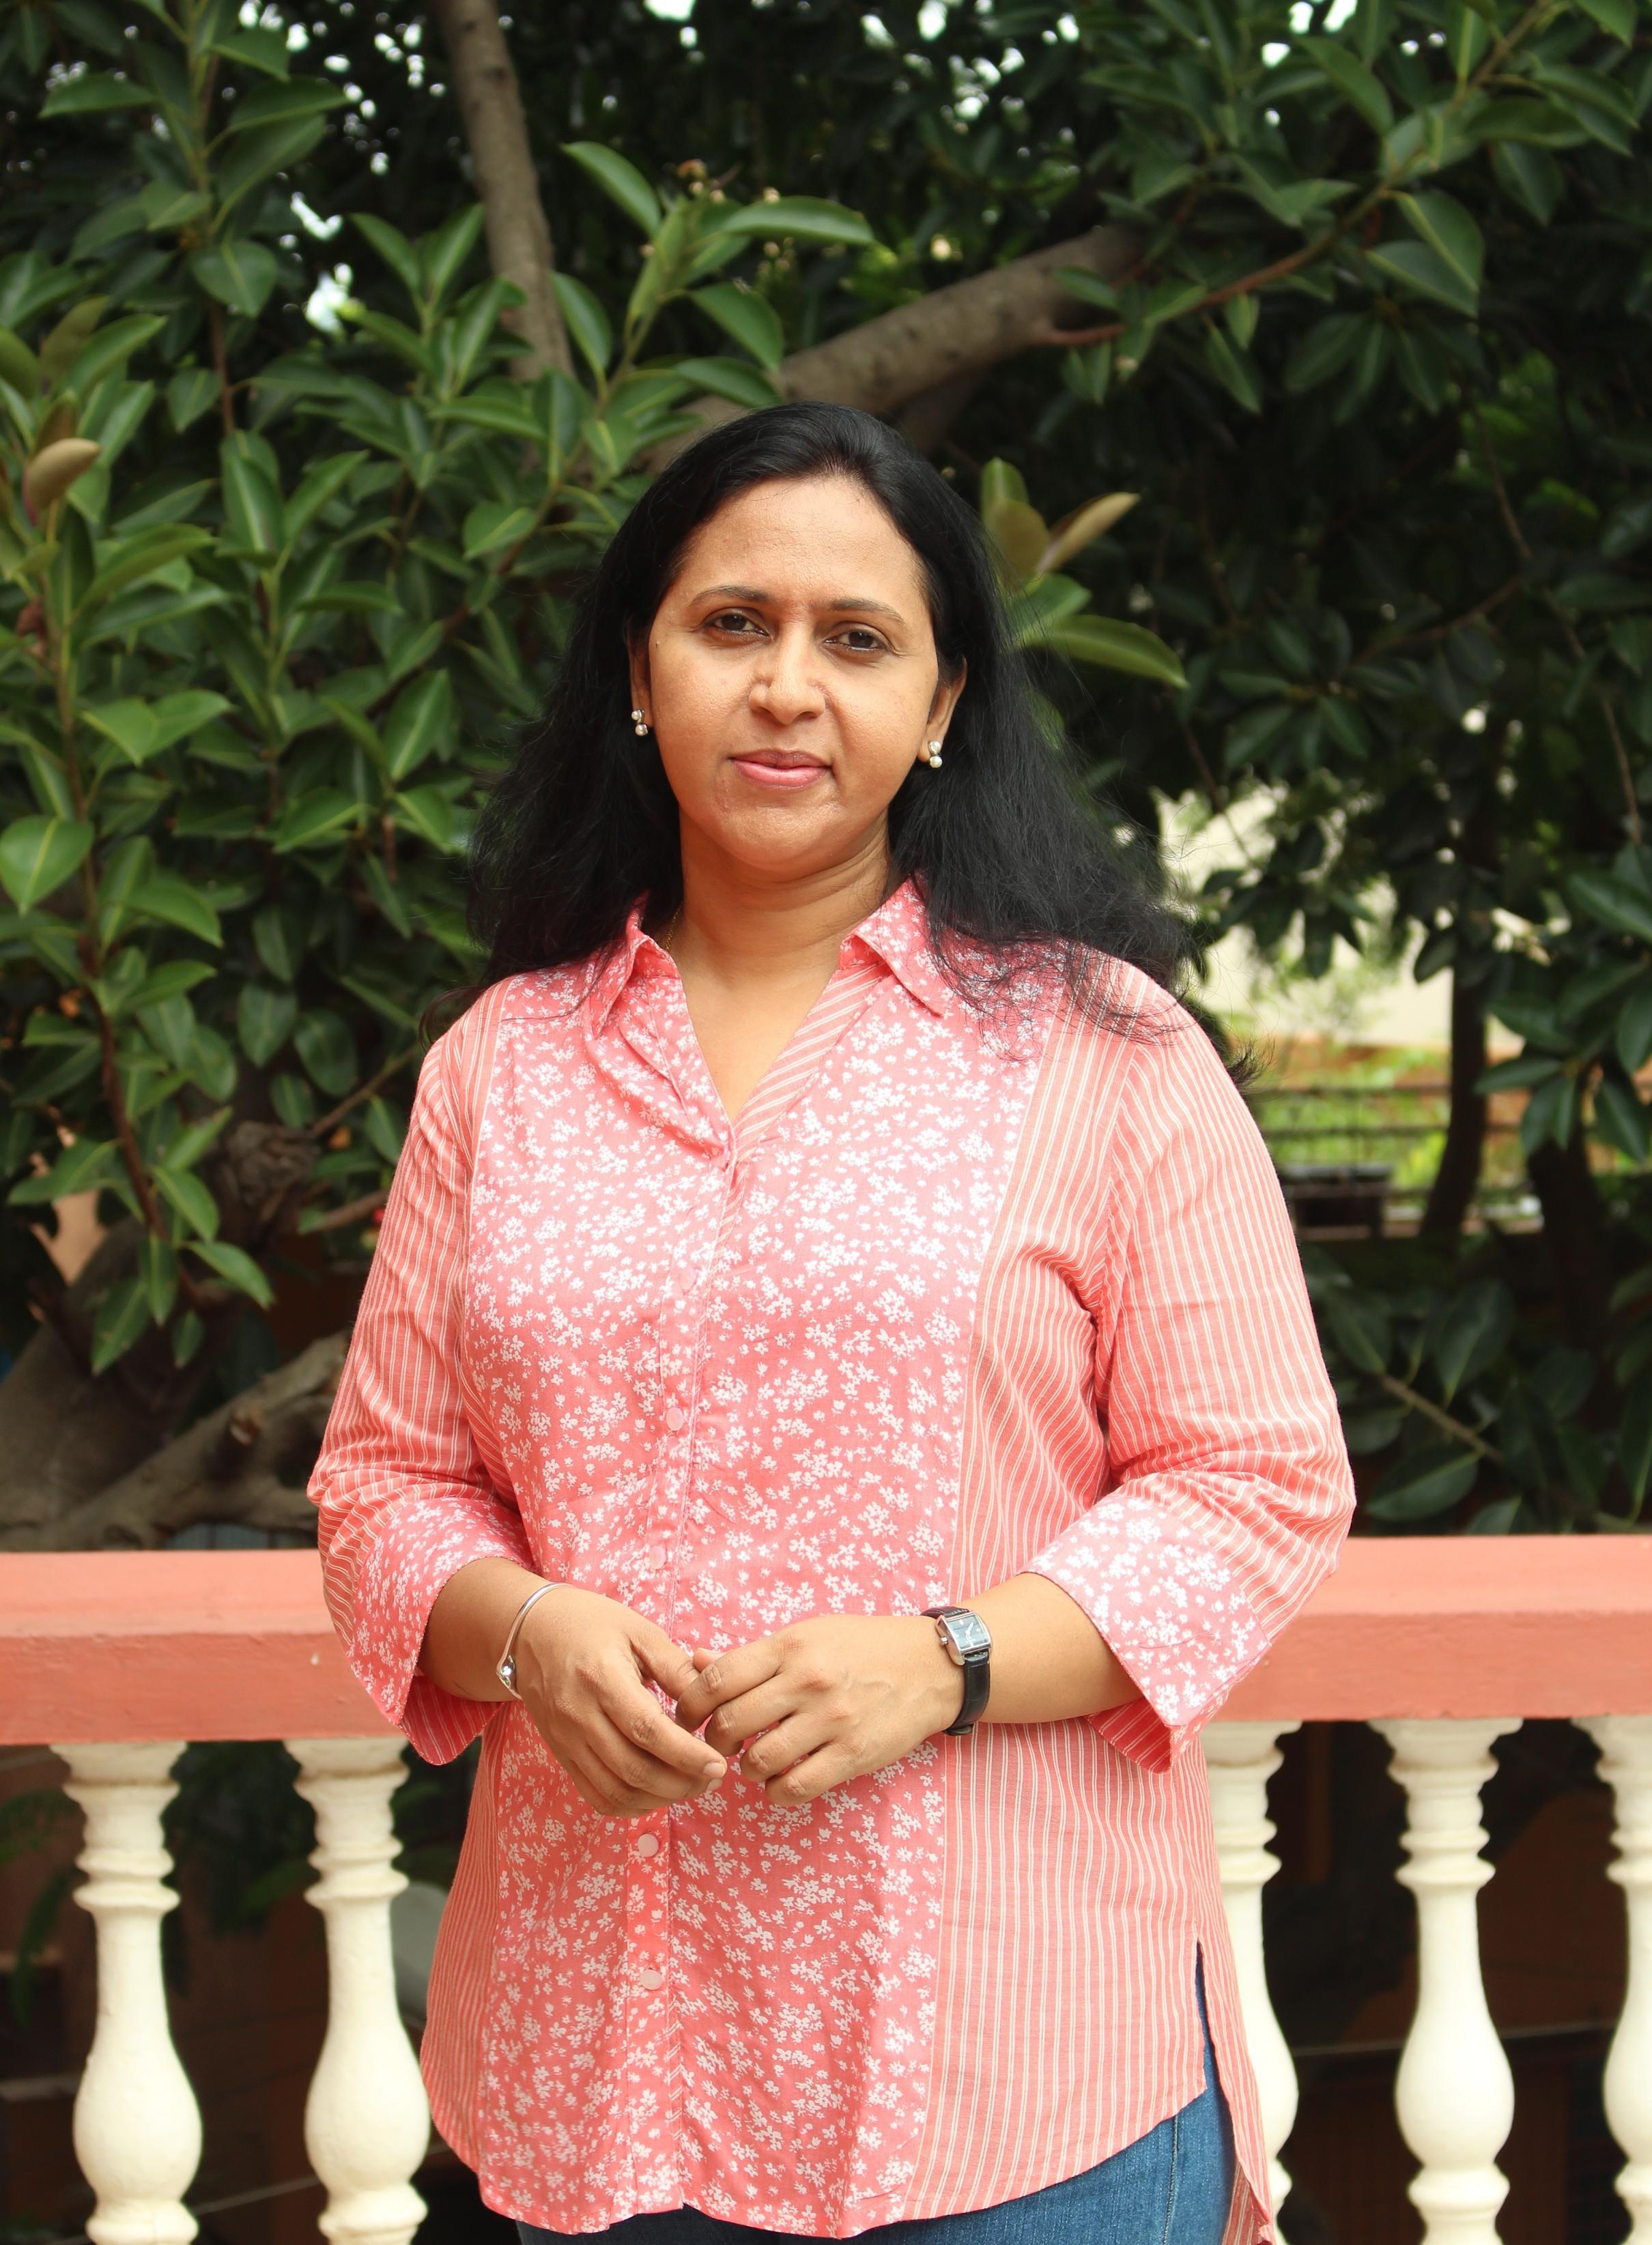 Suma Rowjee food blogger